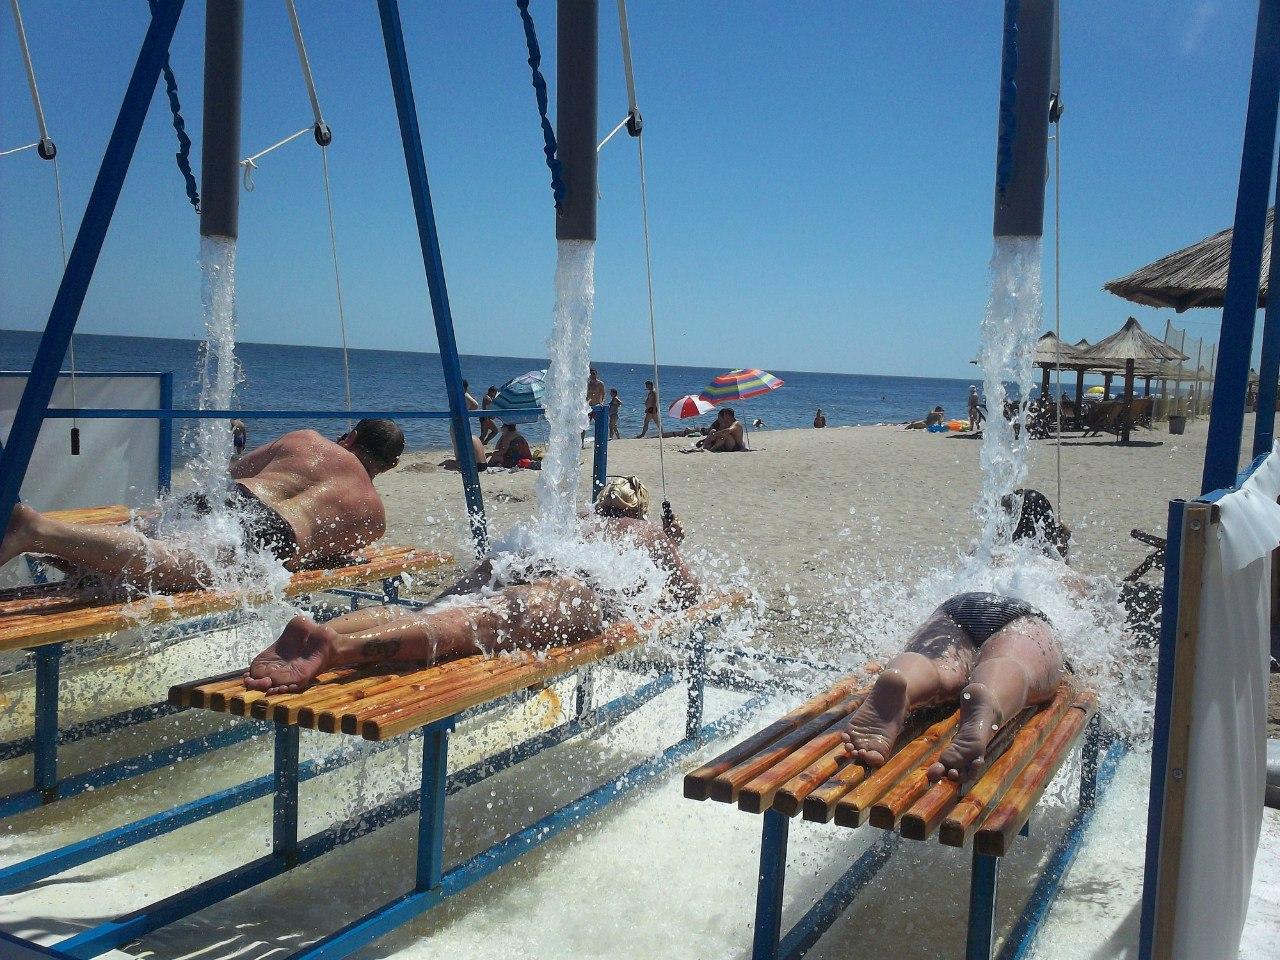 Азовское море. Бердянск. 2012 г. HYg5R7xNqz8